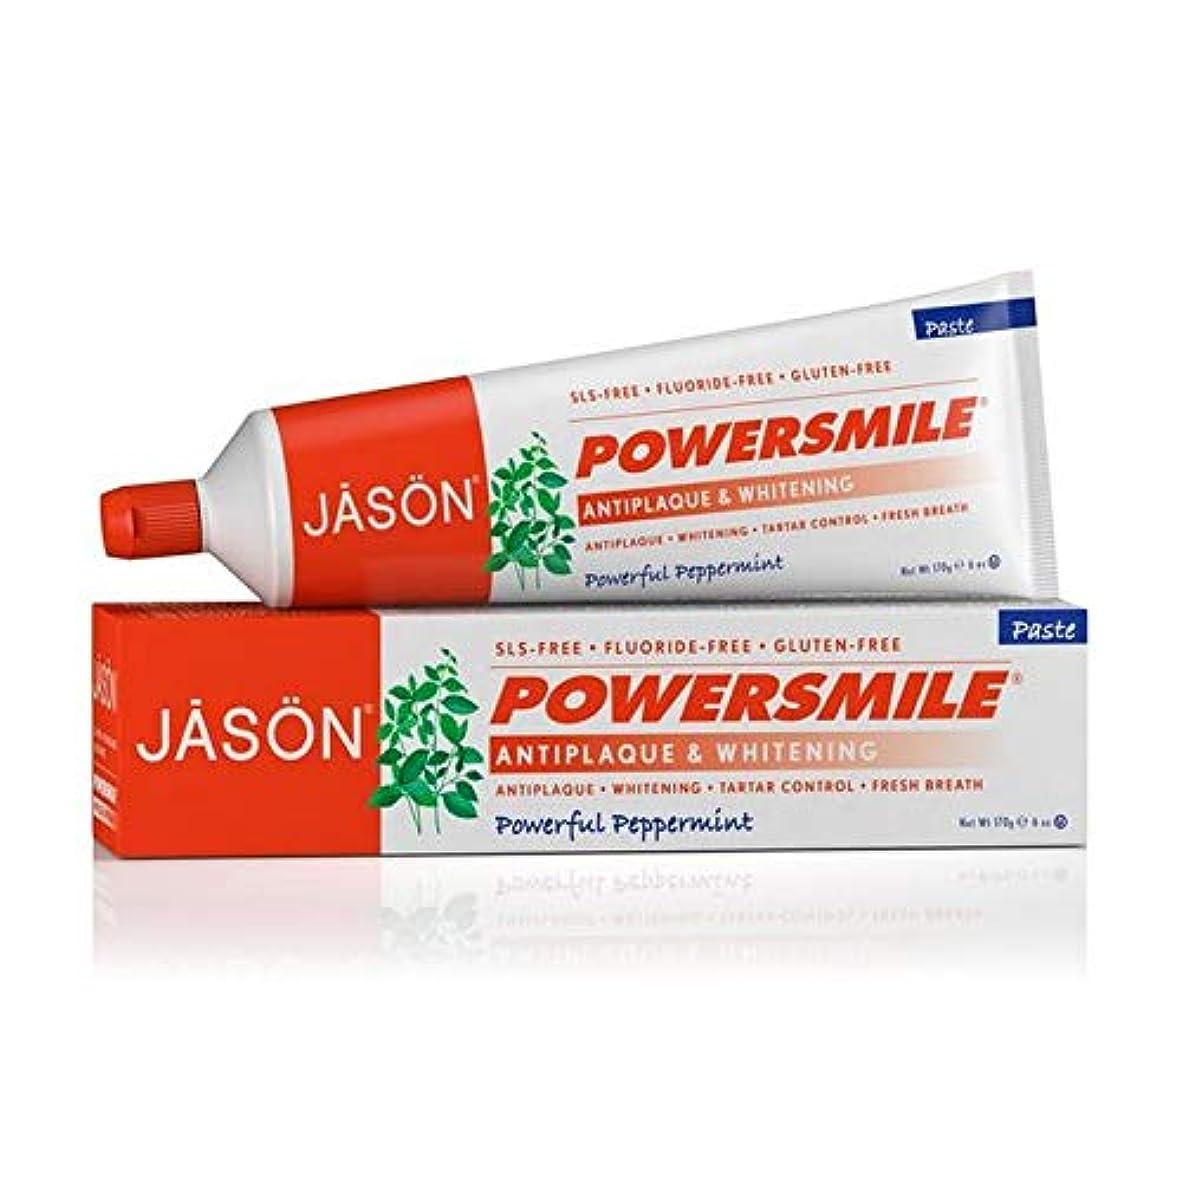 使役見る発行する[Jason ] ジェイソンPowersmile歯磨き粉の170グラム - Jason Powersmile Toothpaste 170g [並行輸入品]